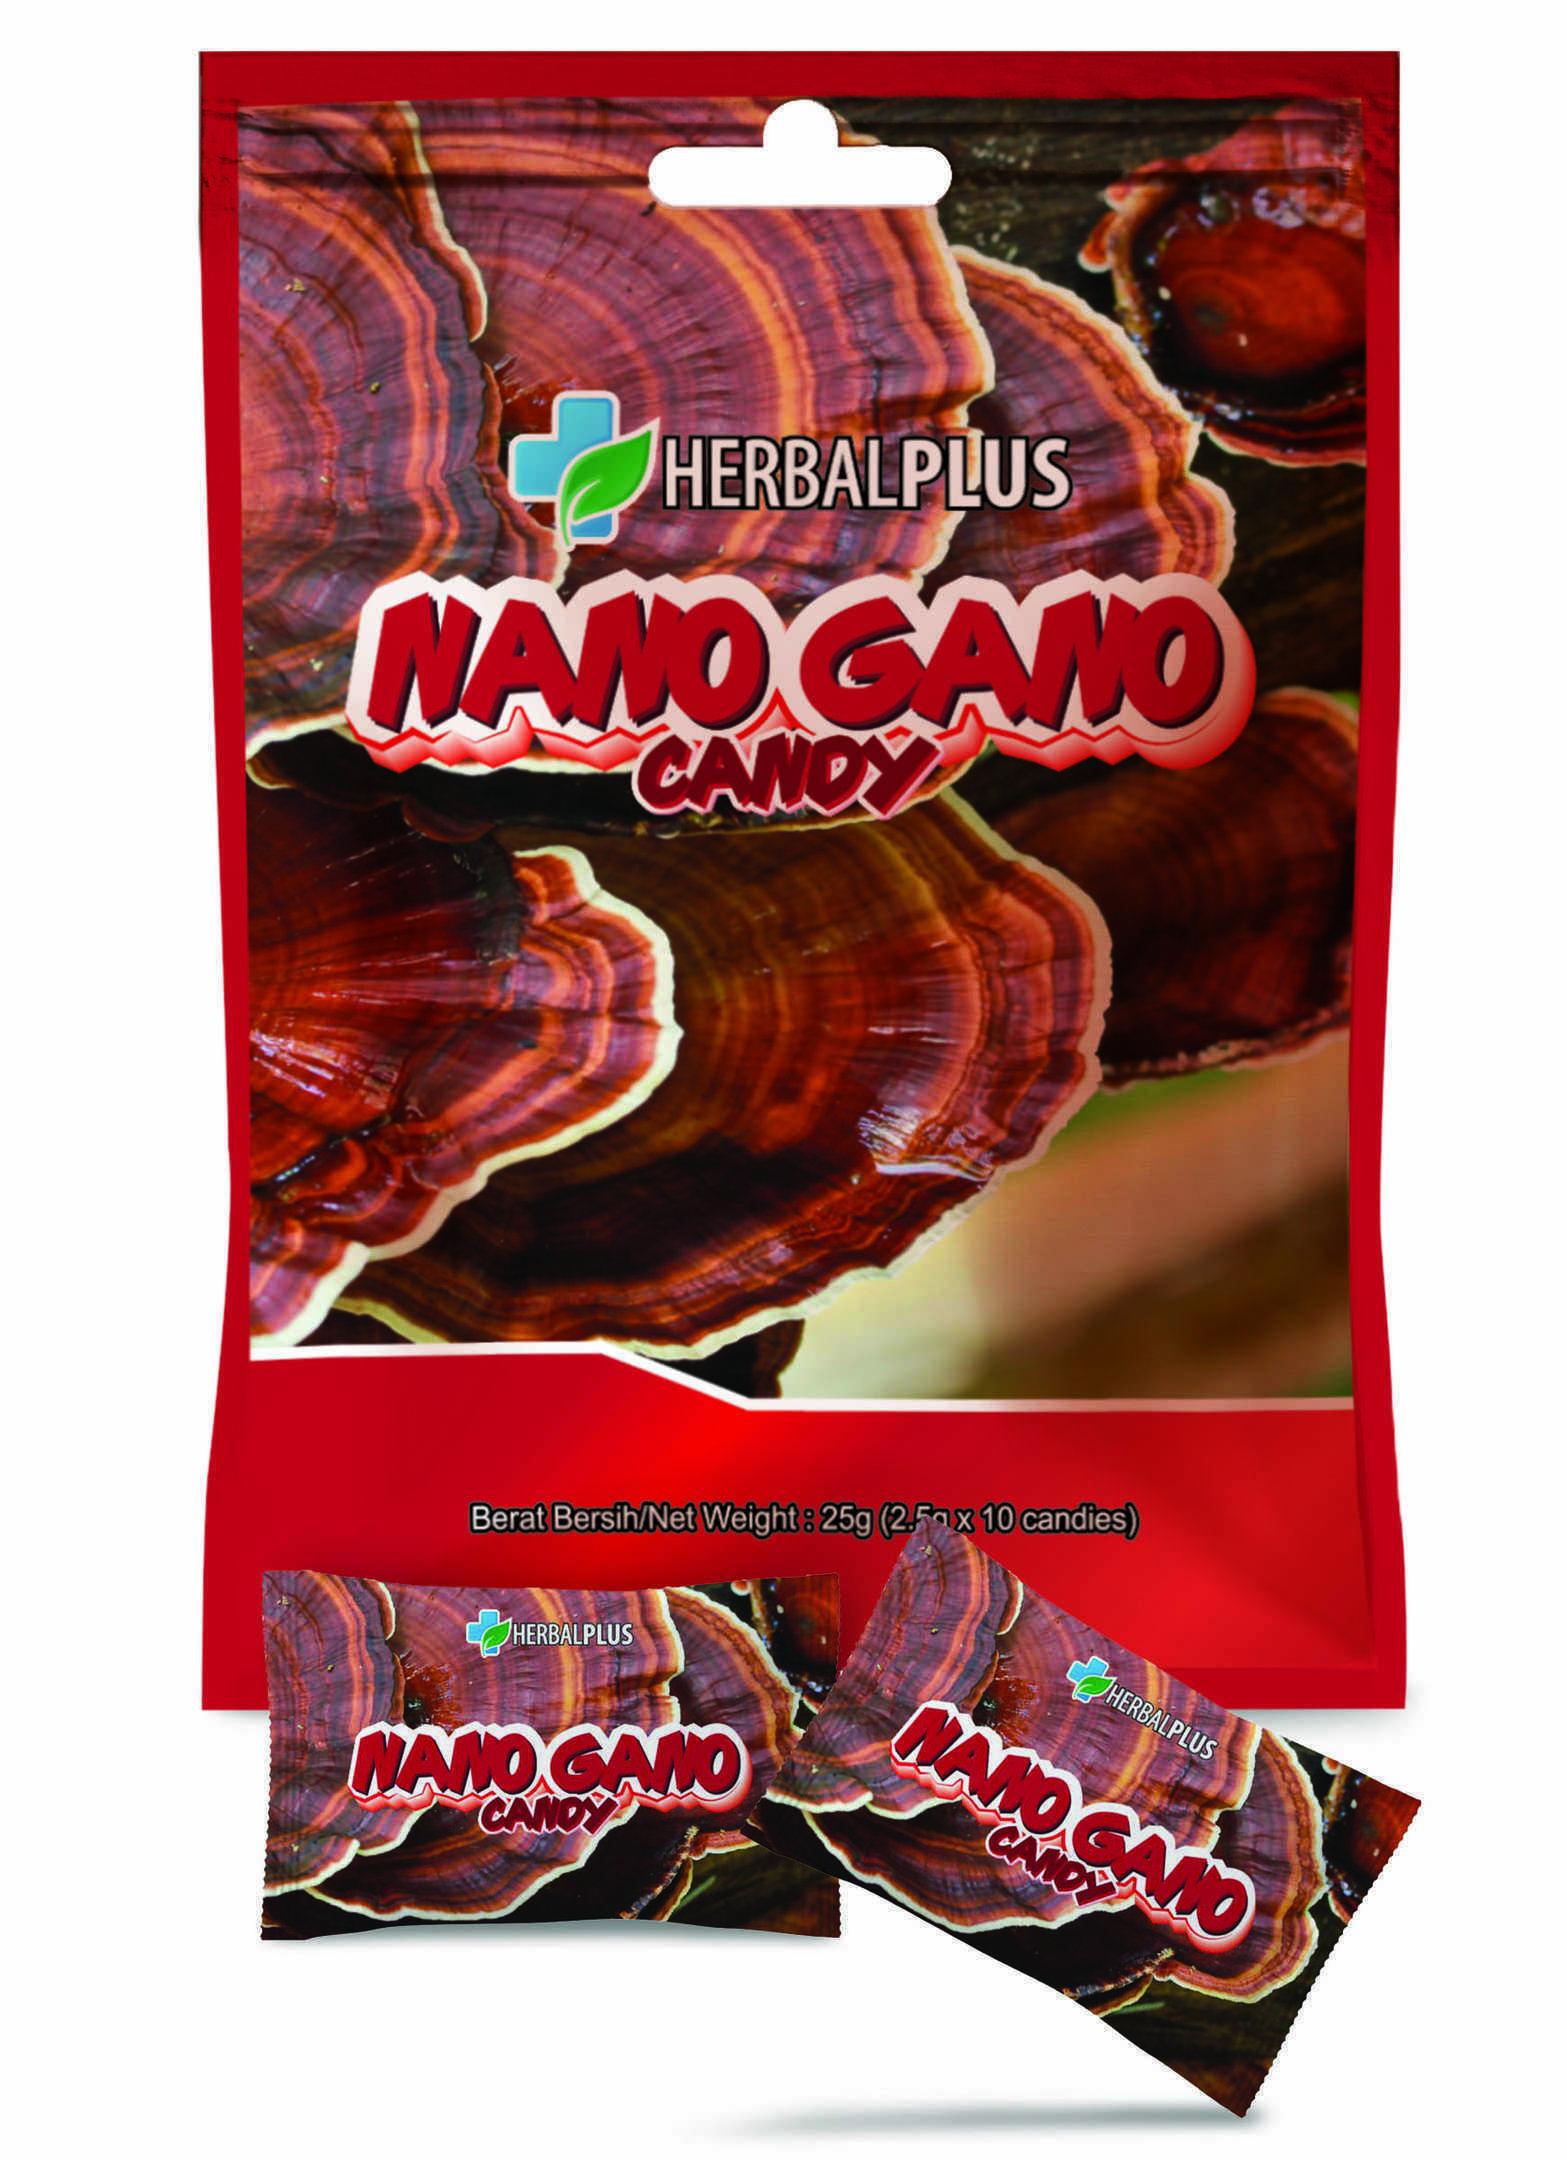 Nano Gano Candy